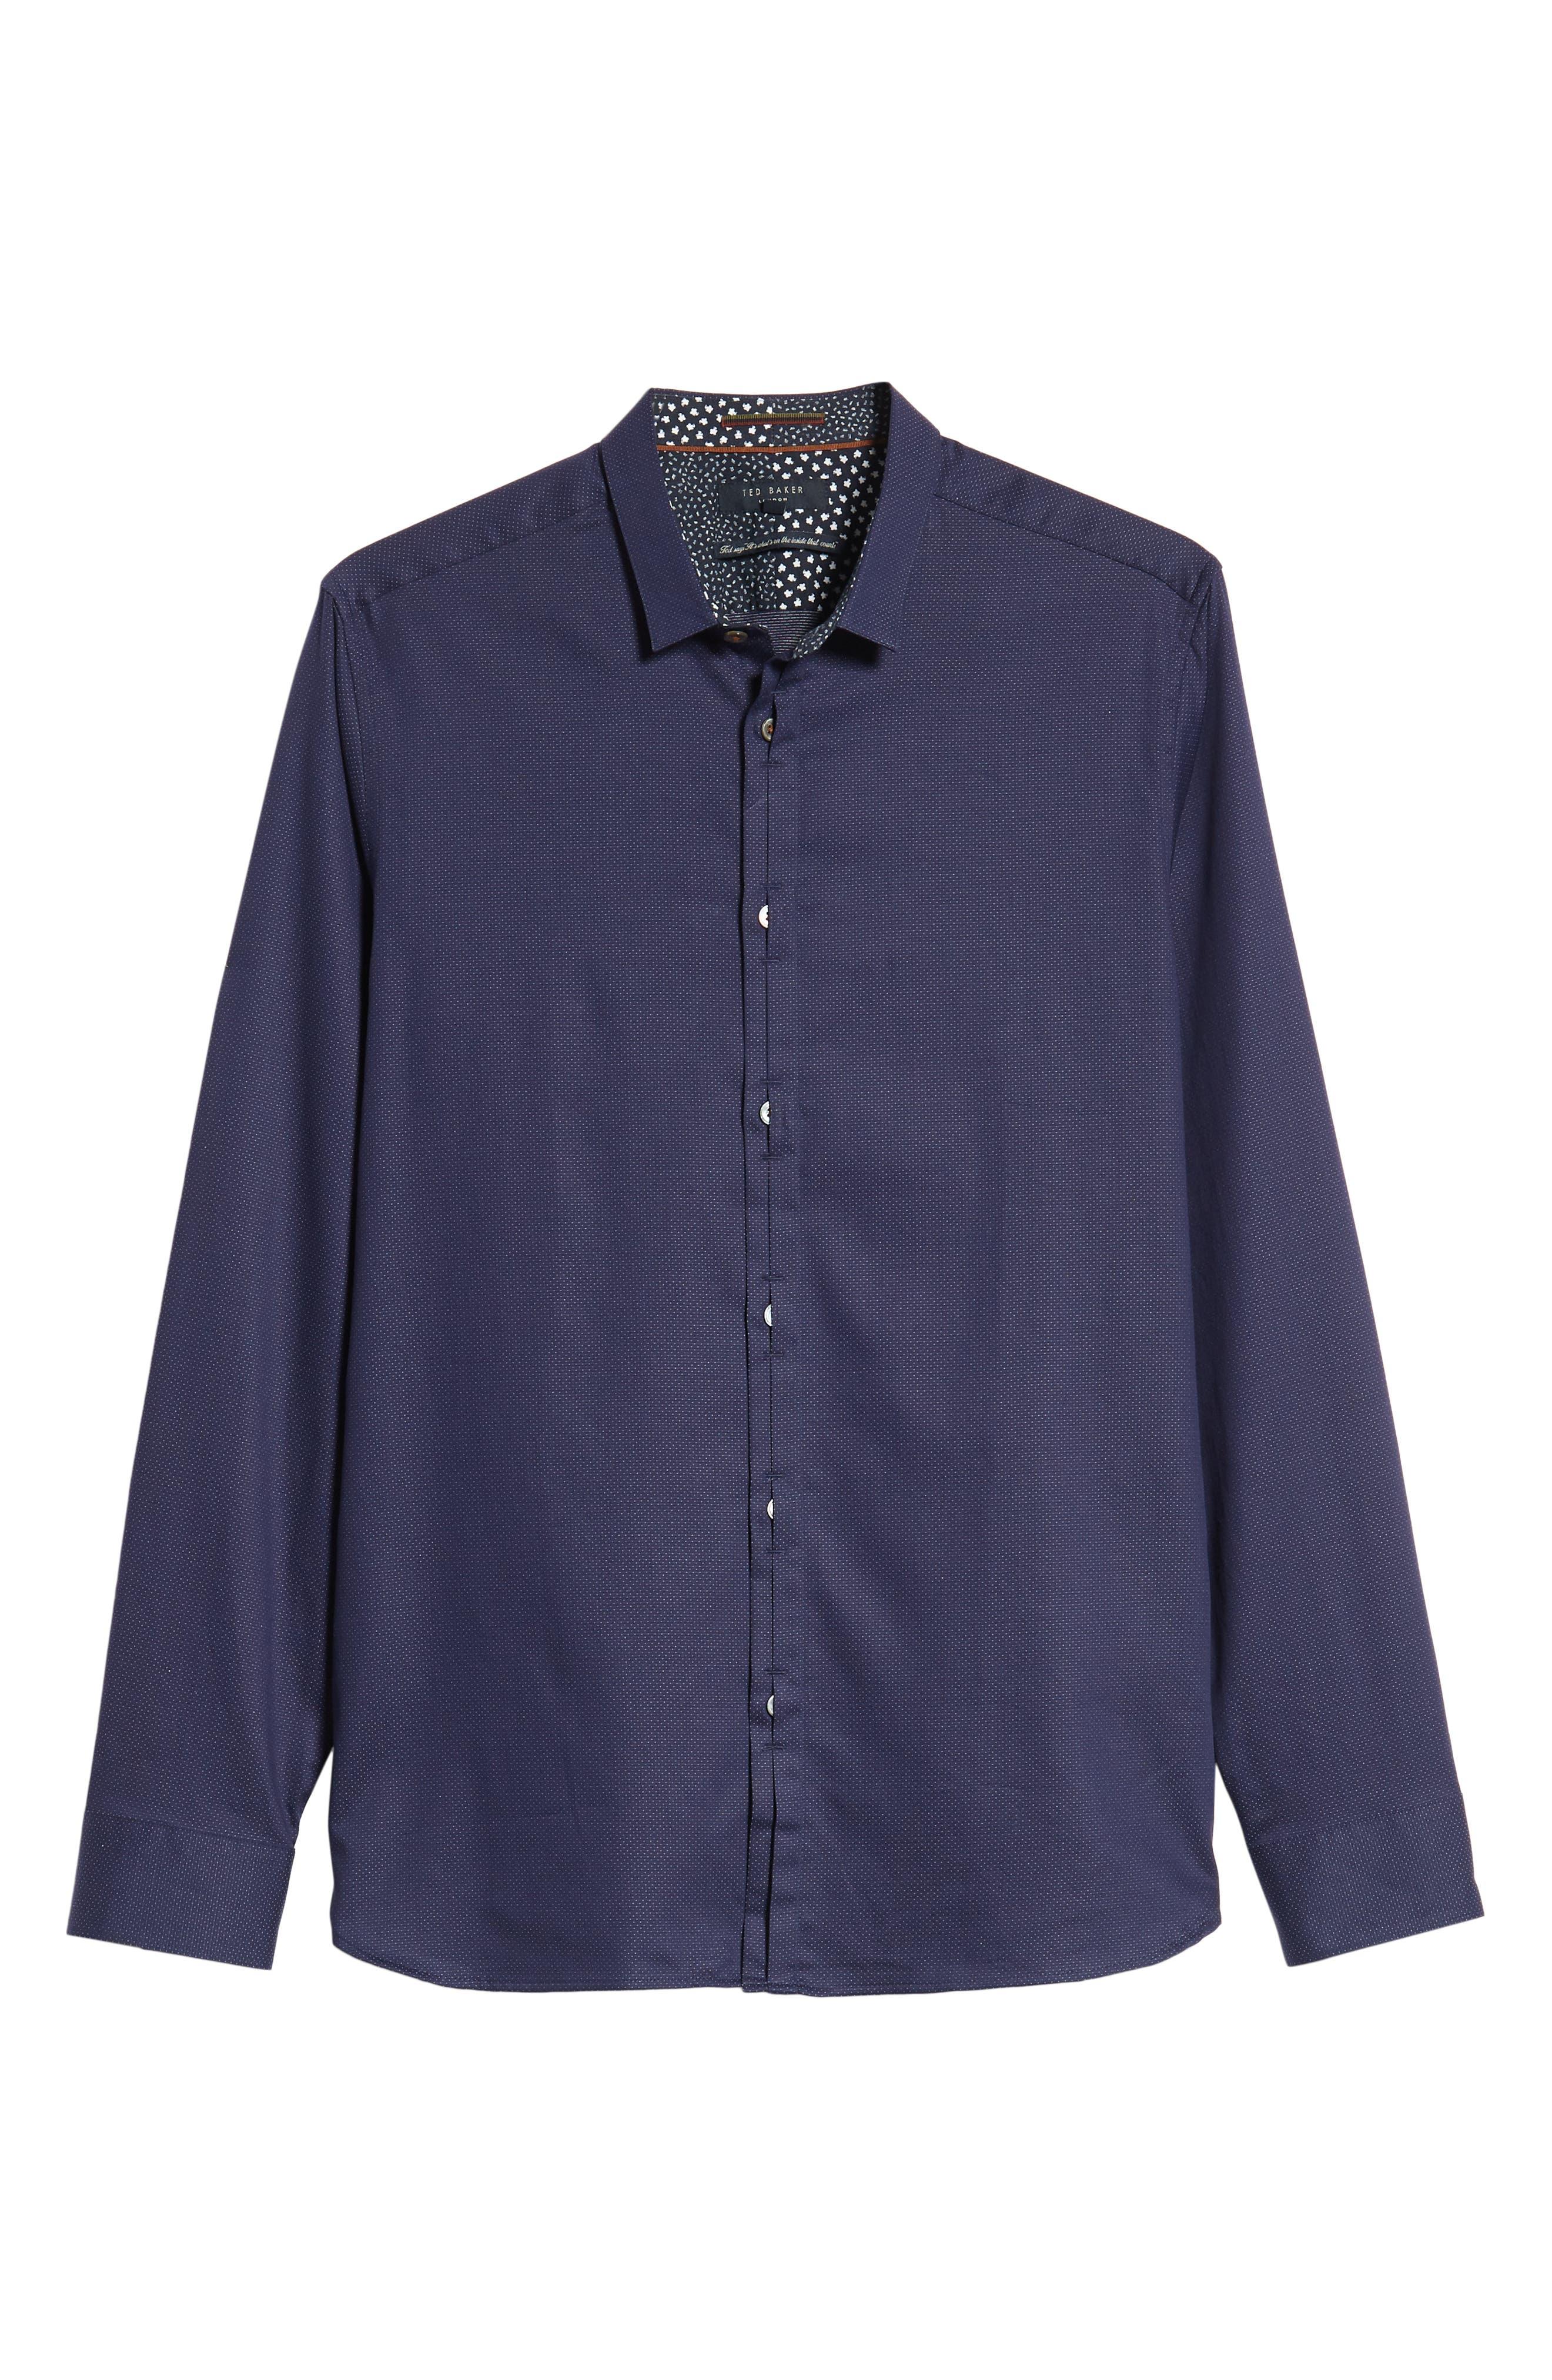 Surrey Q Slim Fit Sport Shirt,                             Alternate thumbnail 5, color,                             NAVY